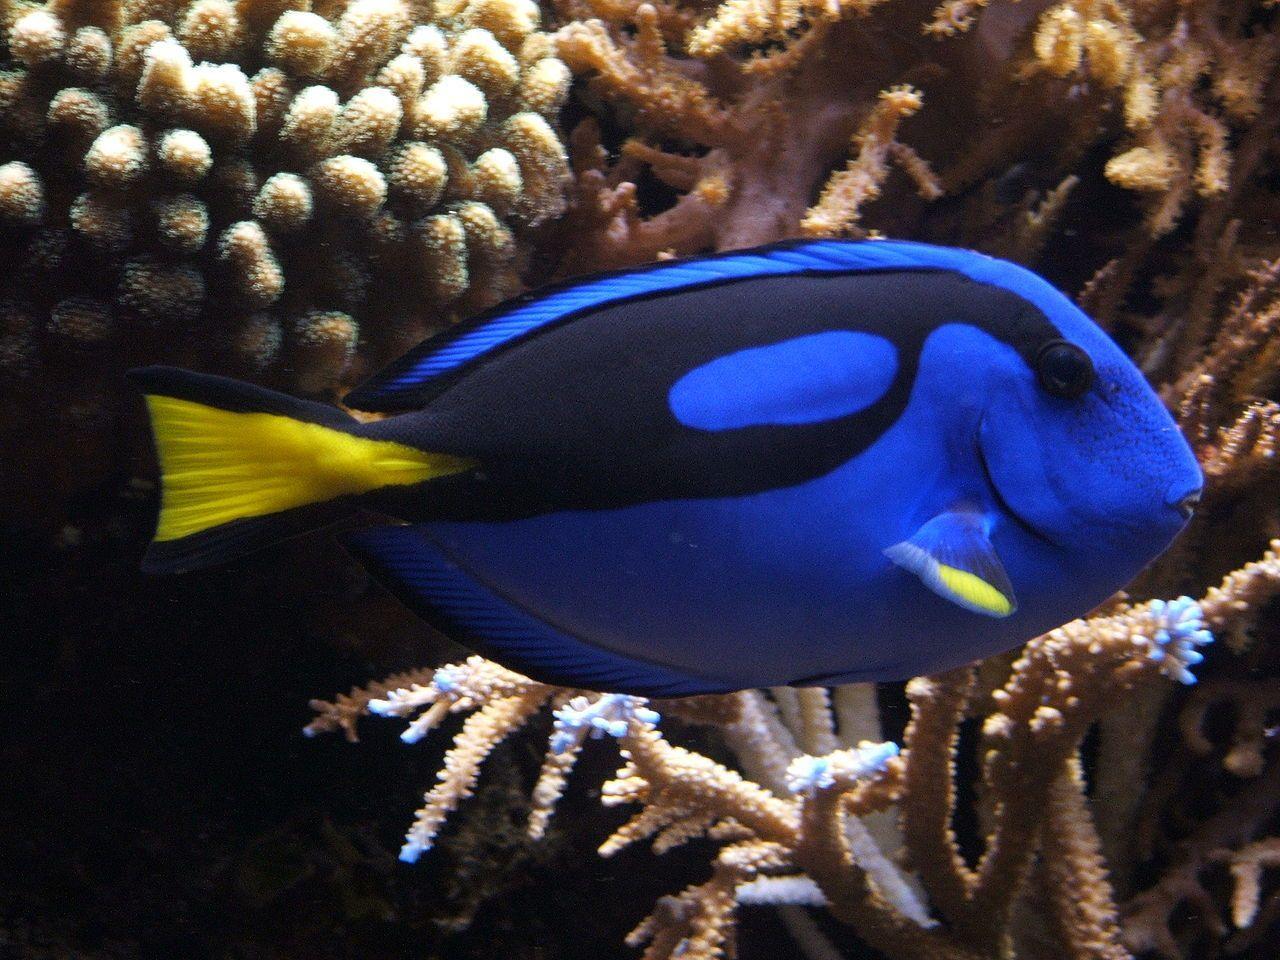 Commercio pesci tropicali: idea allevamenti per salvare la barriera corallina